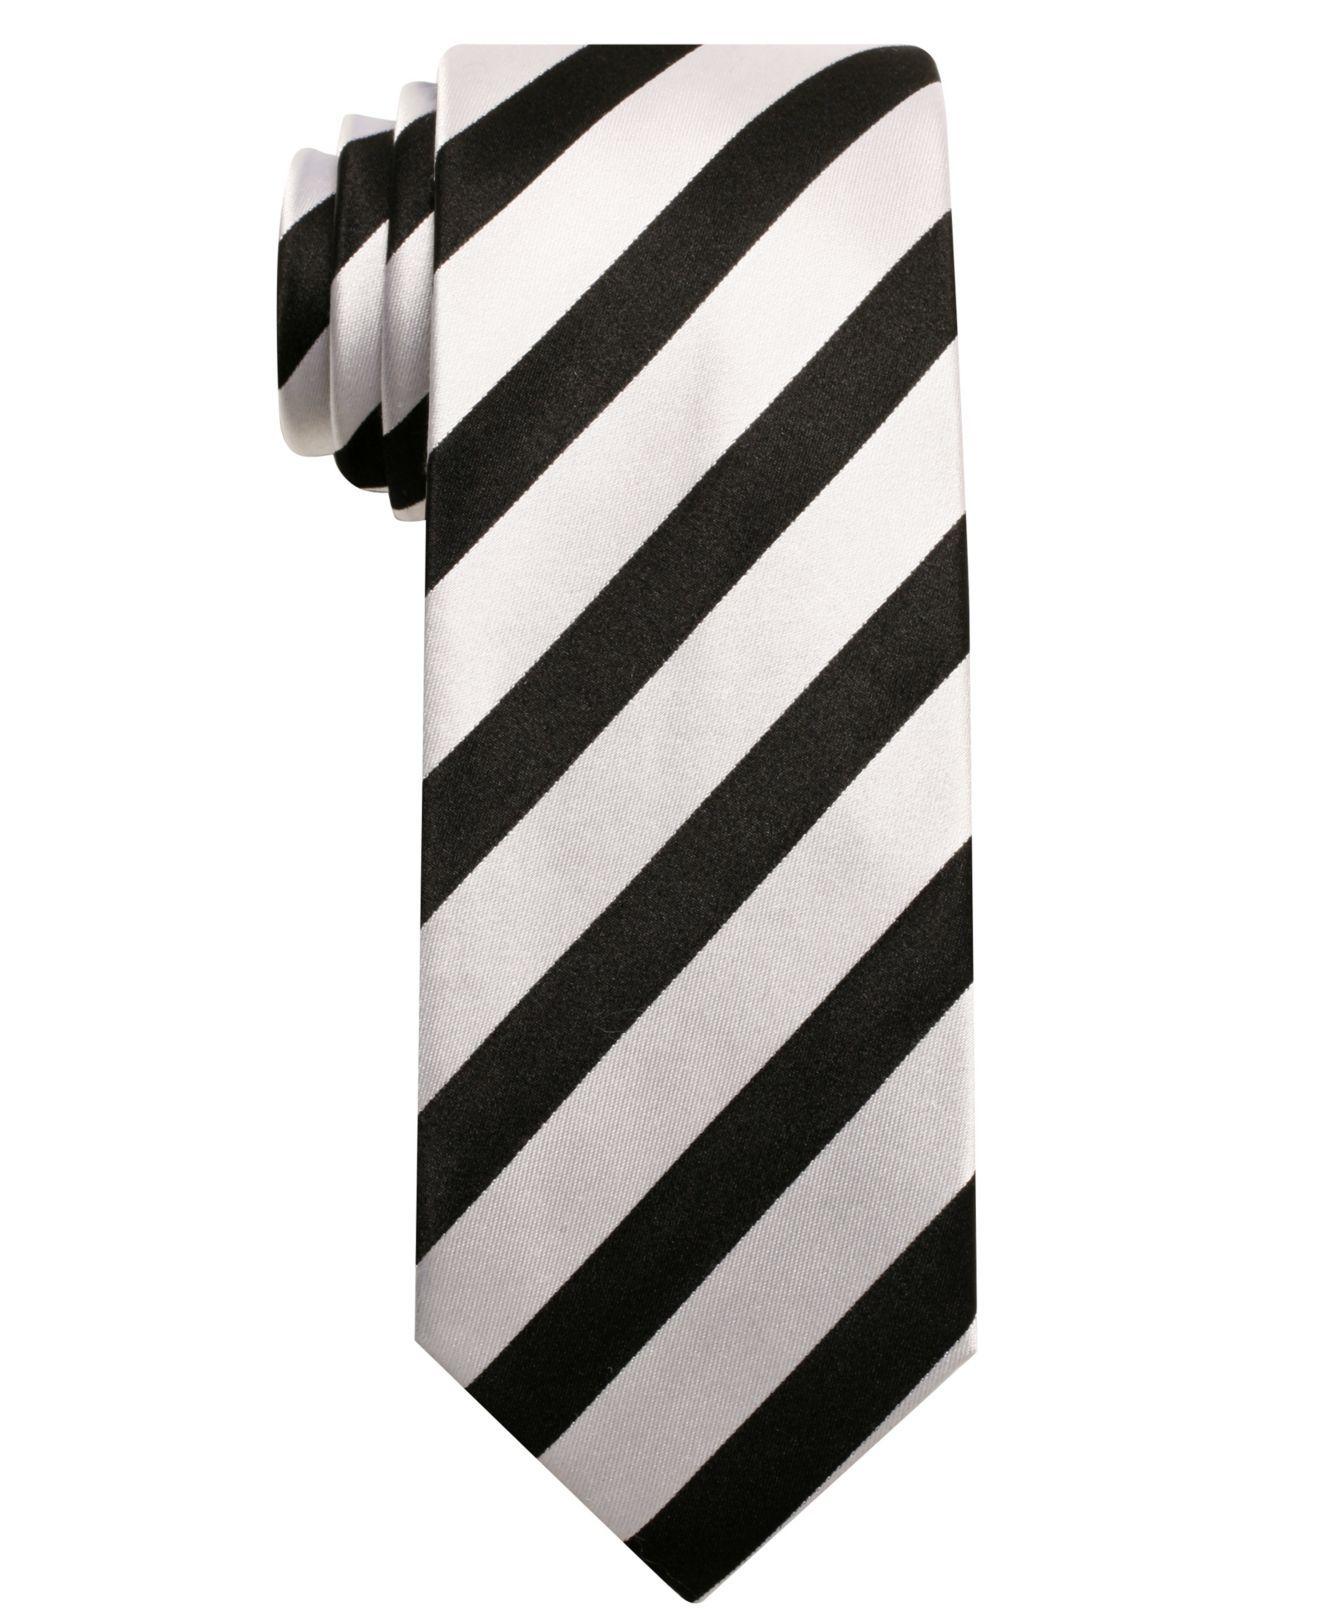 Alfani RED Tie, Skinny Bar Stripe